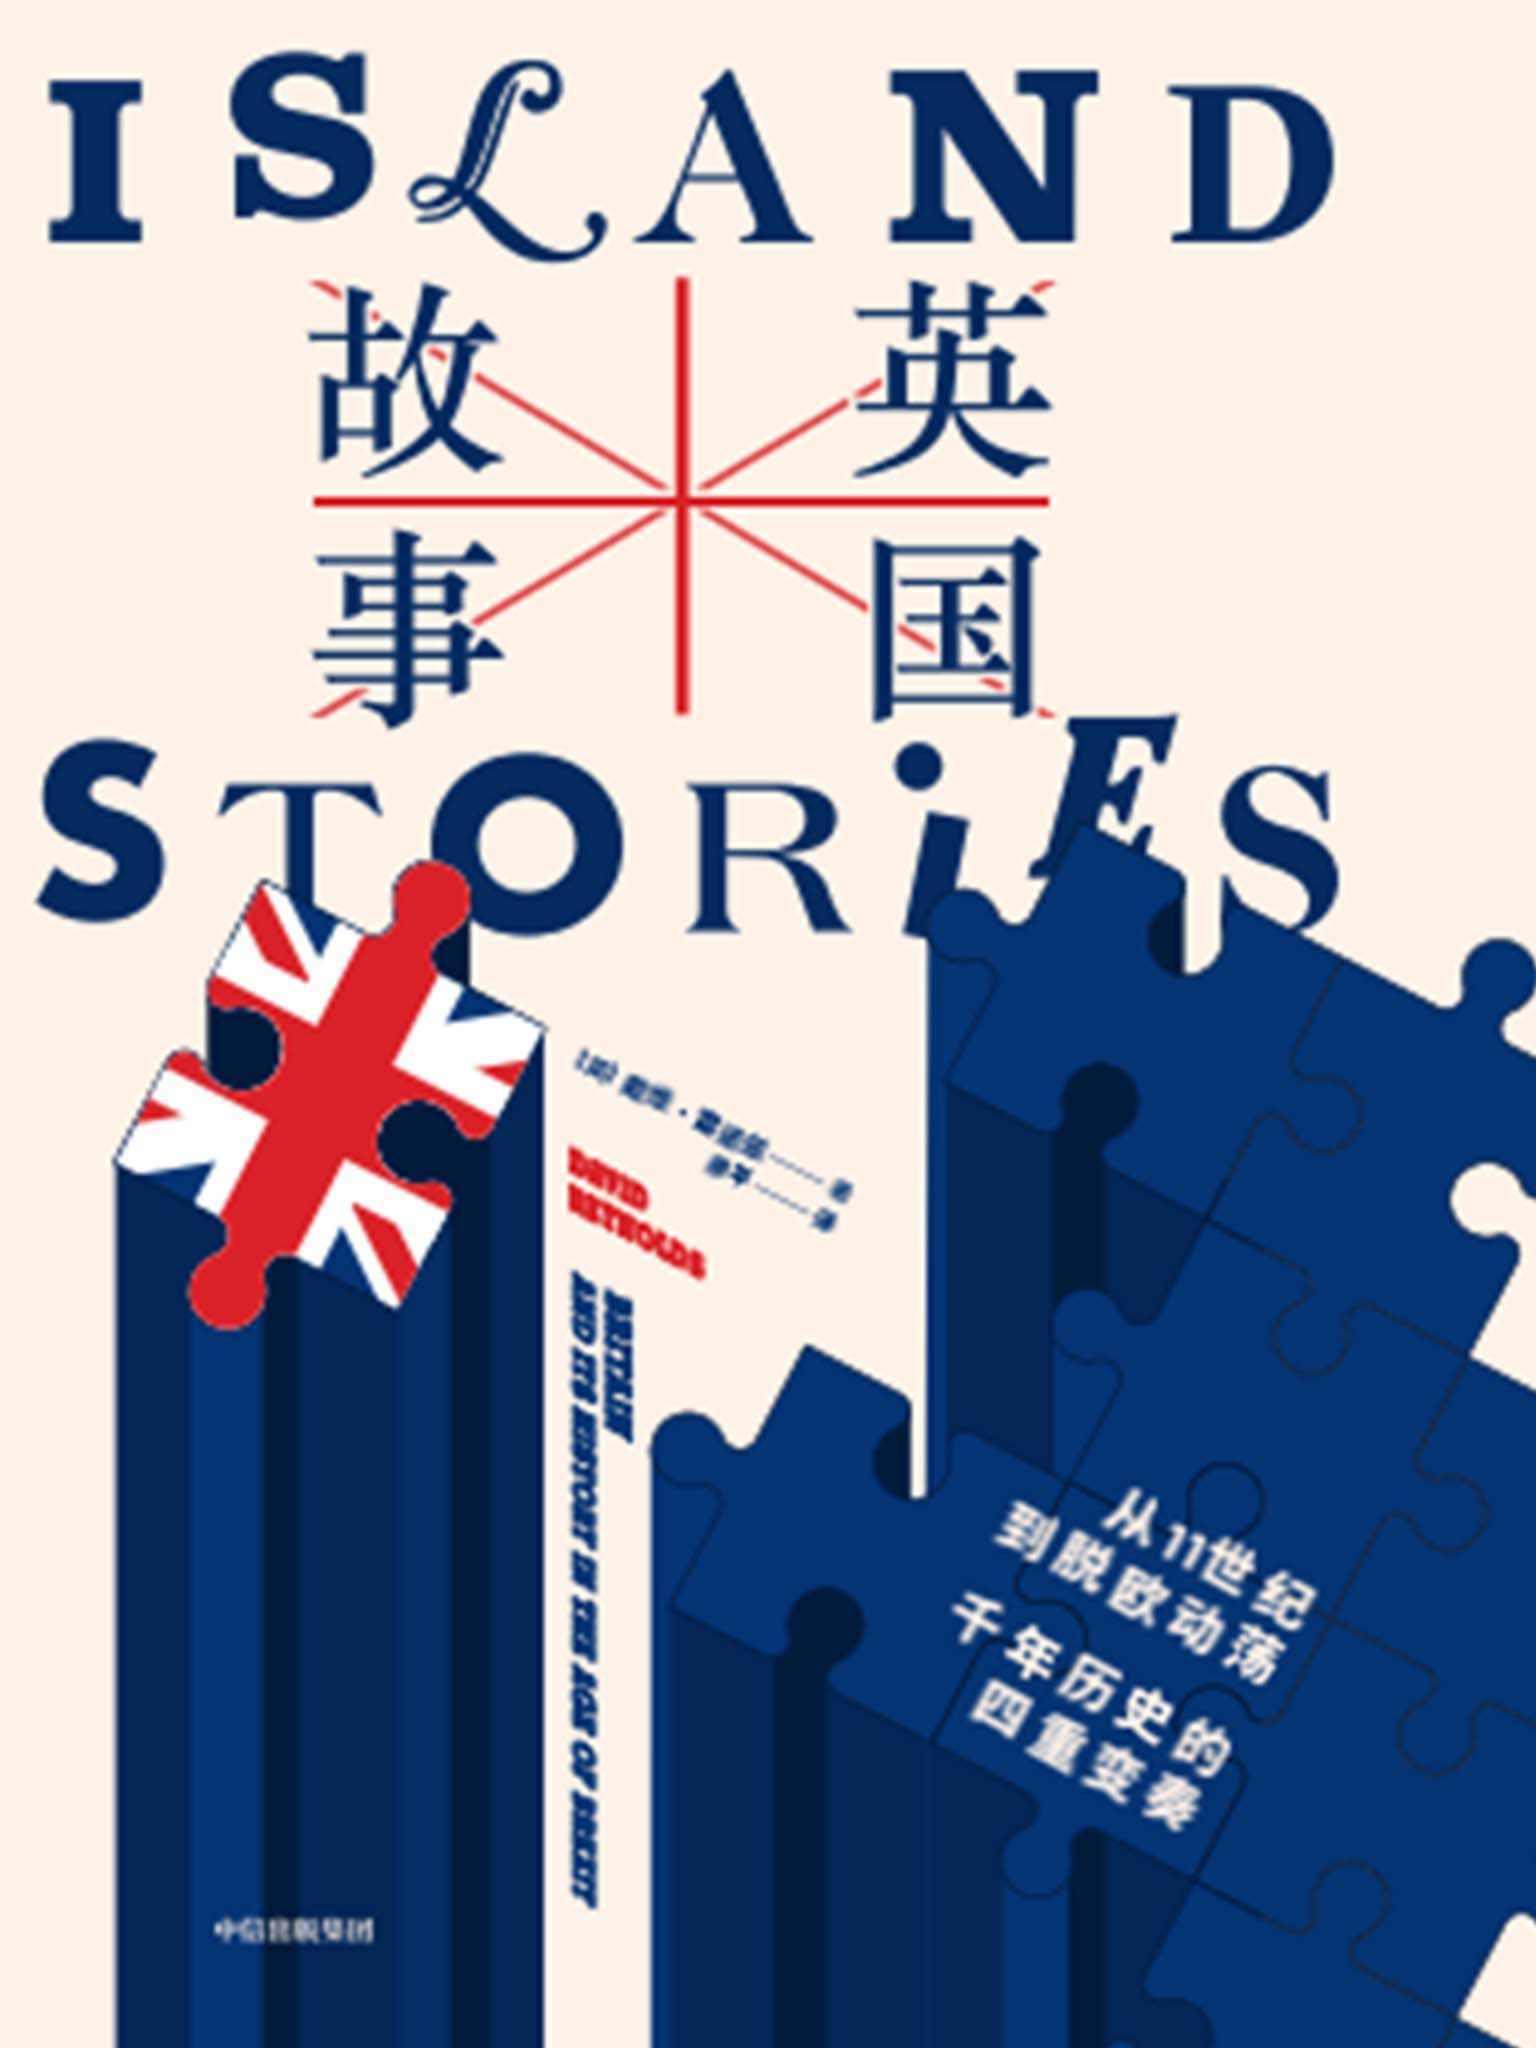 英国故事 : 从11世纪到脱欧动荡,千年历史的四重变奏 [英] 戴维·雷诺兹